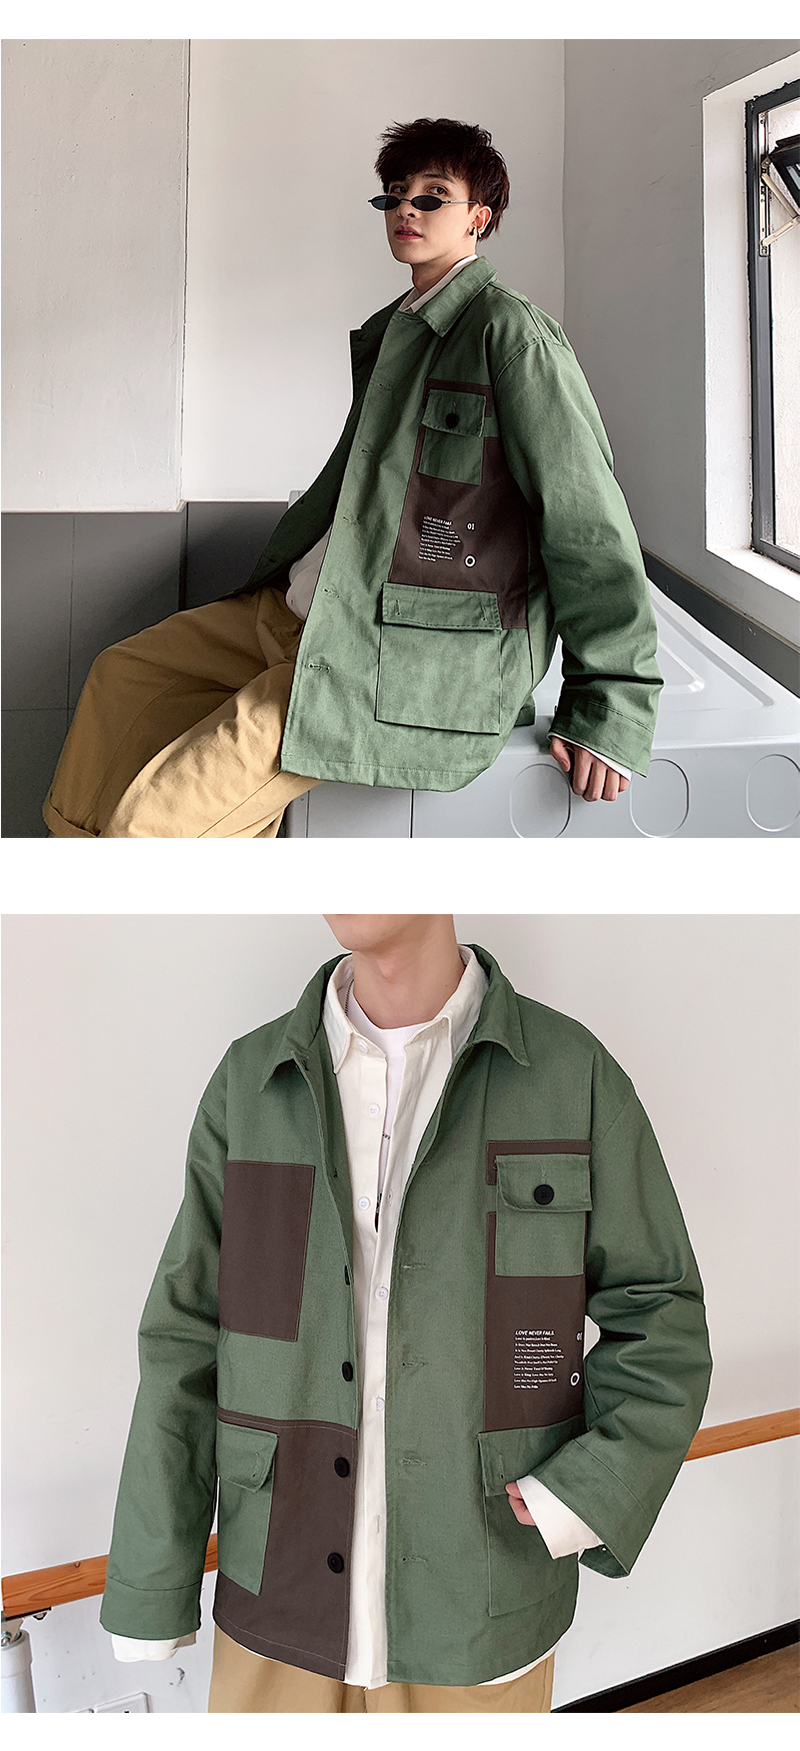 2020秋款夹克外套男女情侣款工装夹克外套DSA087-JK17-P70